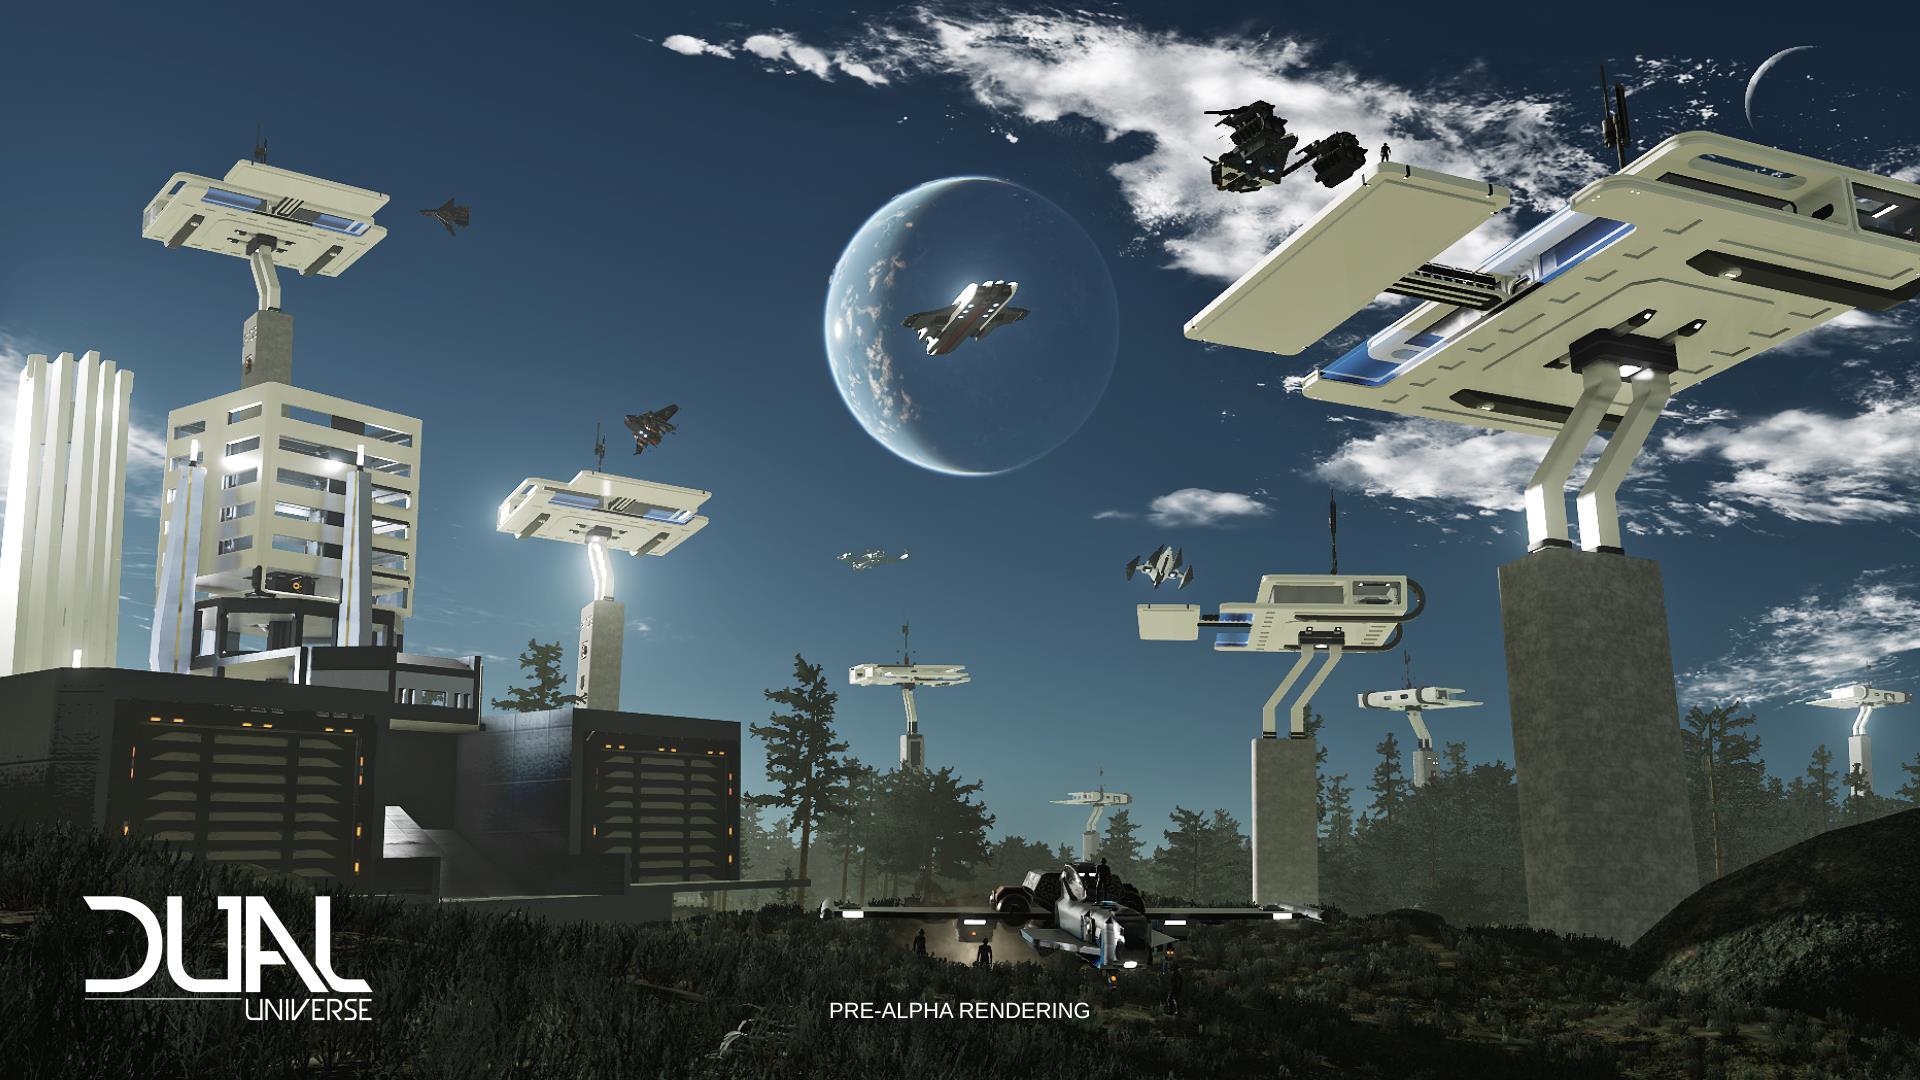 Dual Universe ist komplexer als Minecraft, obwohl es noch in den Kinderschuhen steckt